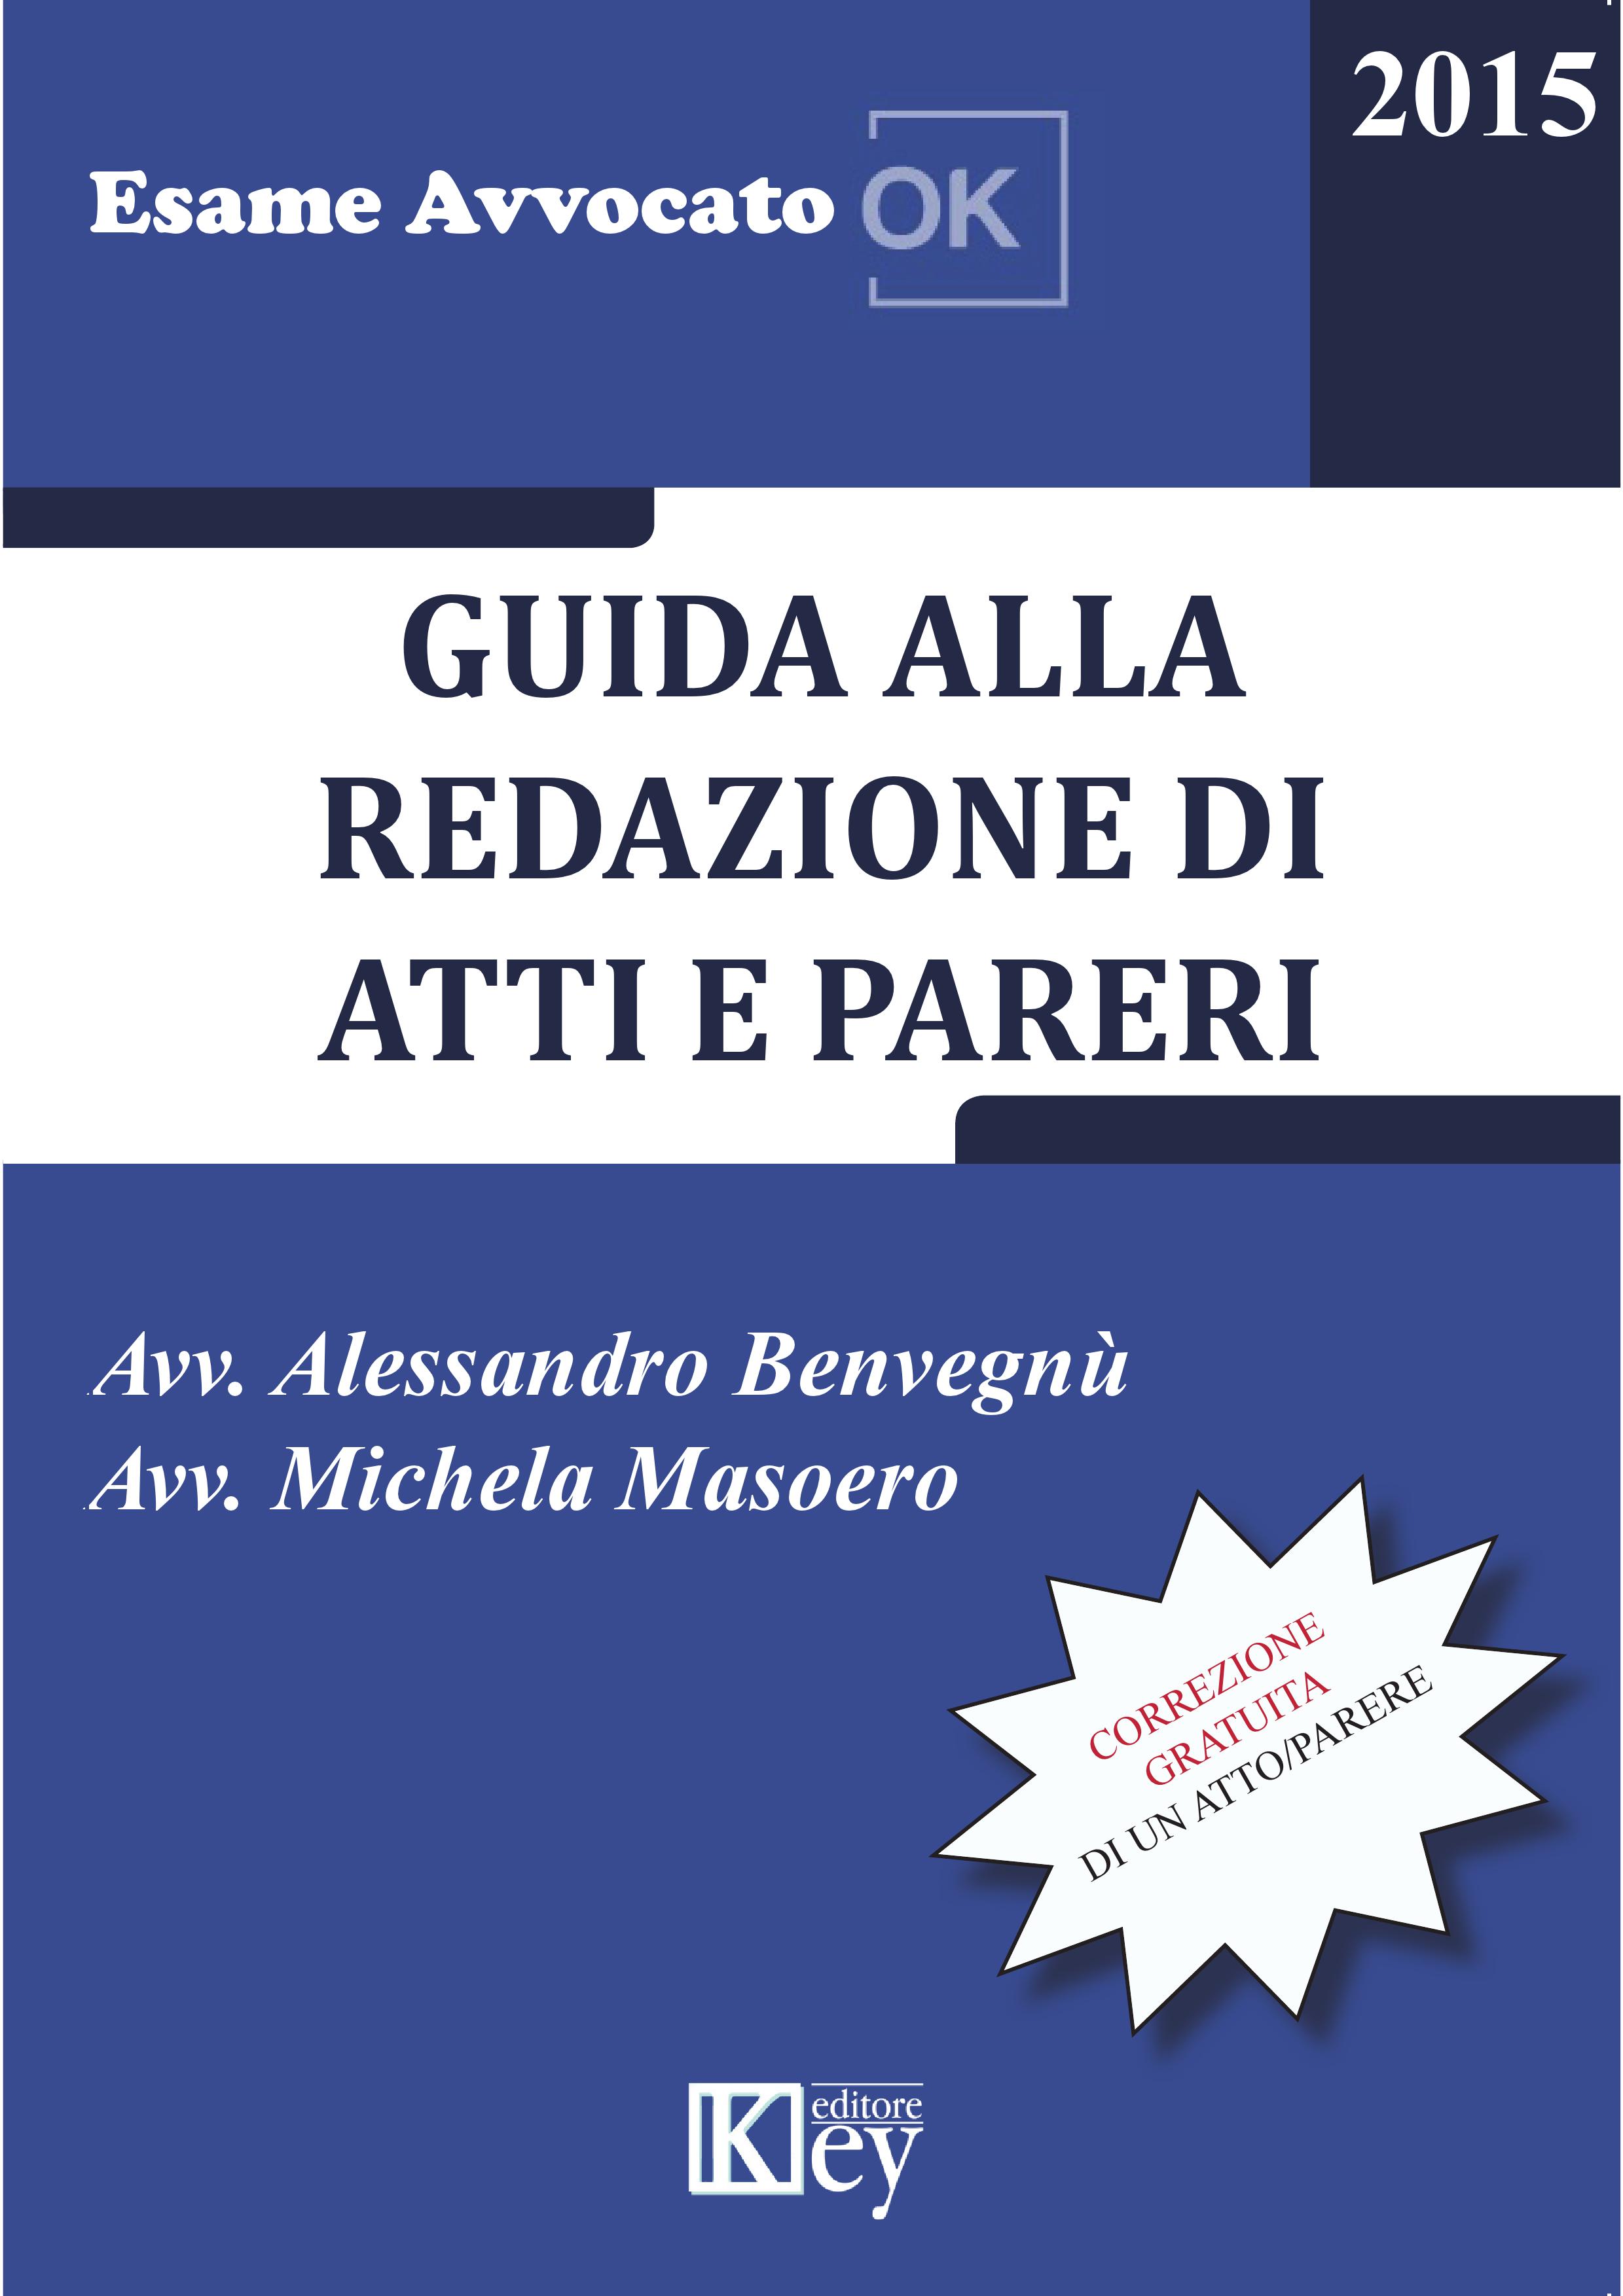 Guida alla redazione di atti e pareri 2015